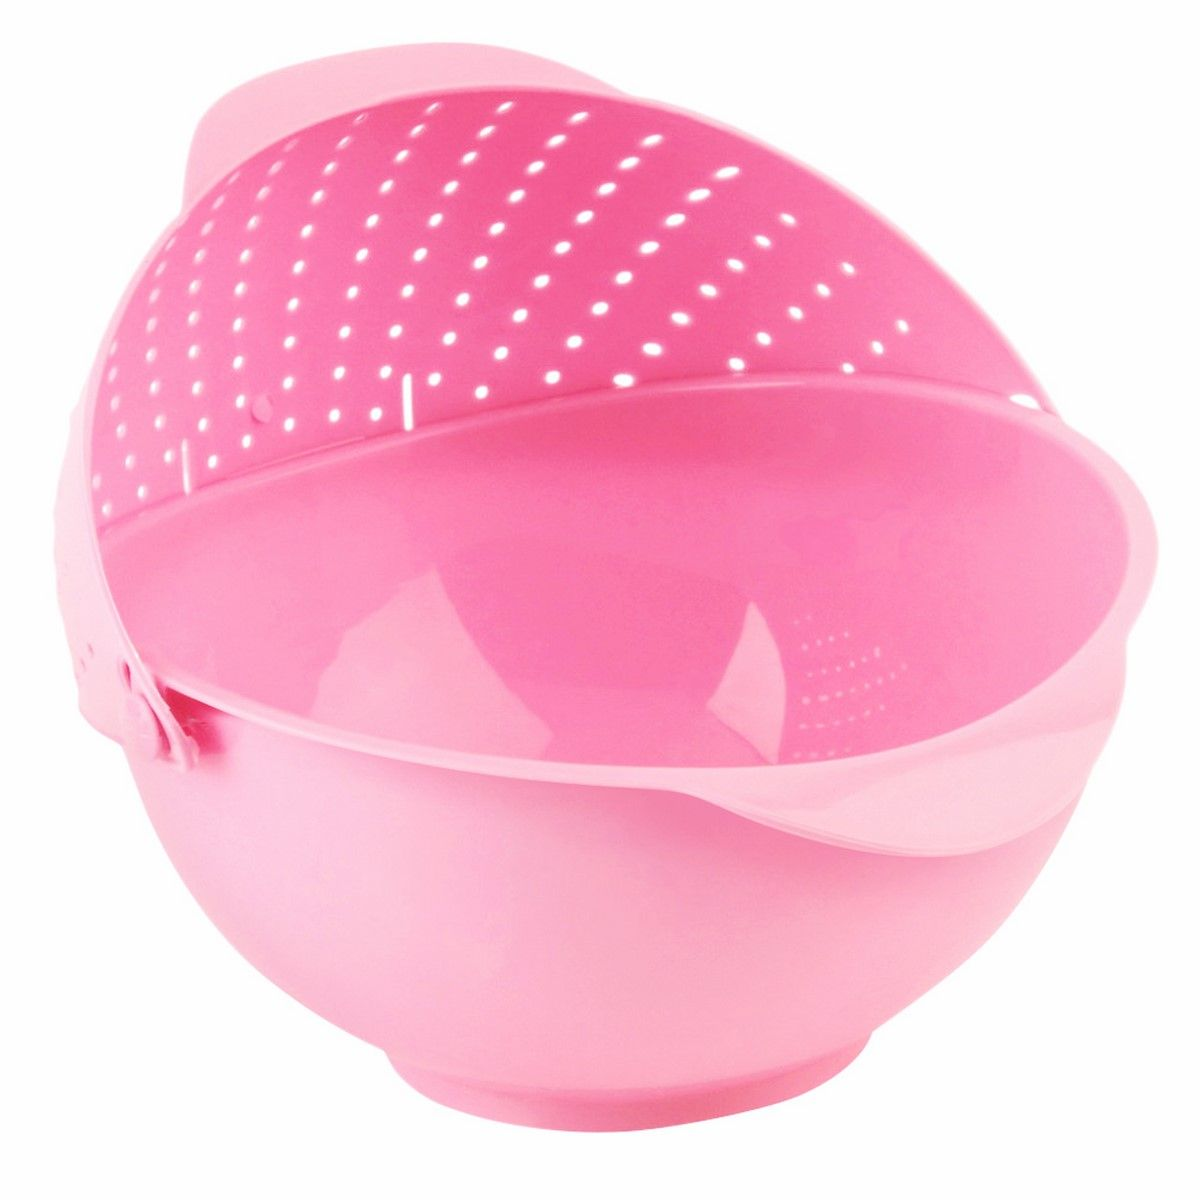 Дуршлаг-чаша Ruges Фильтрен, цвет: розовый, 27 х 25 х 11 смK-60Ruges Фильтрен - это вместительная пластиковая чаша с перекидным дуршлагом на ободе. Изделие выполнено из пластика. Удобство в том, что пусть вы собрали фрукты в чашу - заливайте в ней же водой, мойте и сливайте воду, наклонив чашу в сторону дуршлага. То же самое с зеленью или замоченными крупами. Размеры: 27 х 25 х 11 см.Объем: 2,7 л.Вес: 175 г.